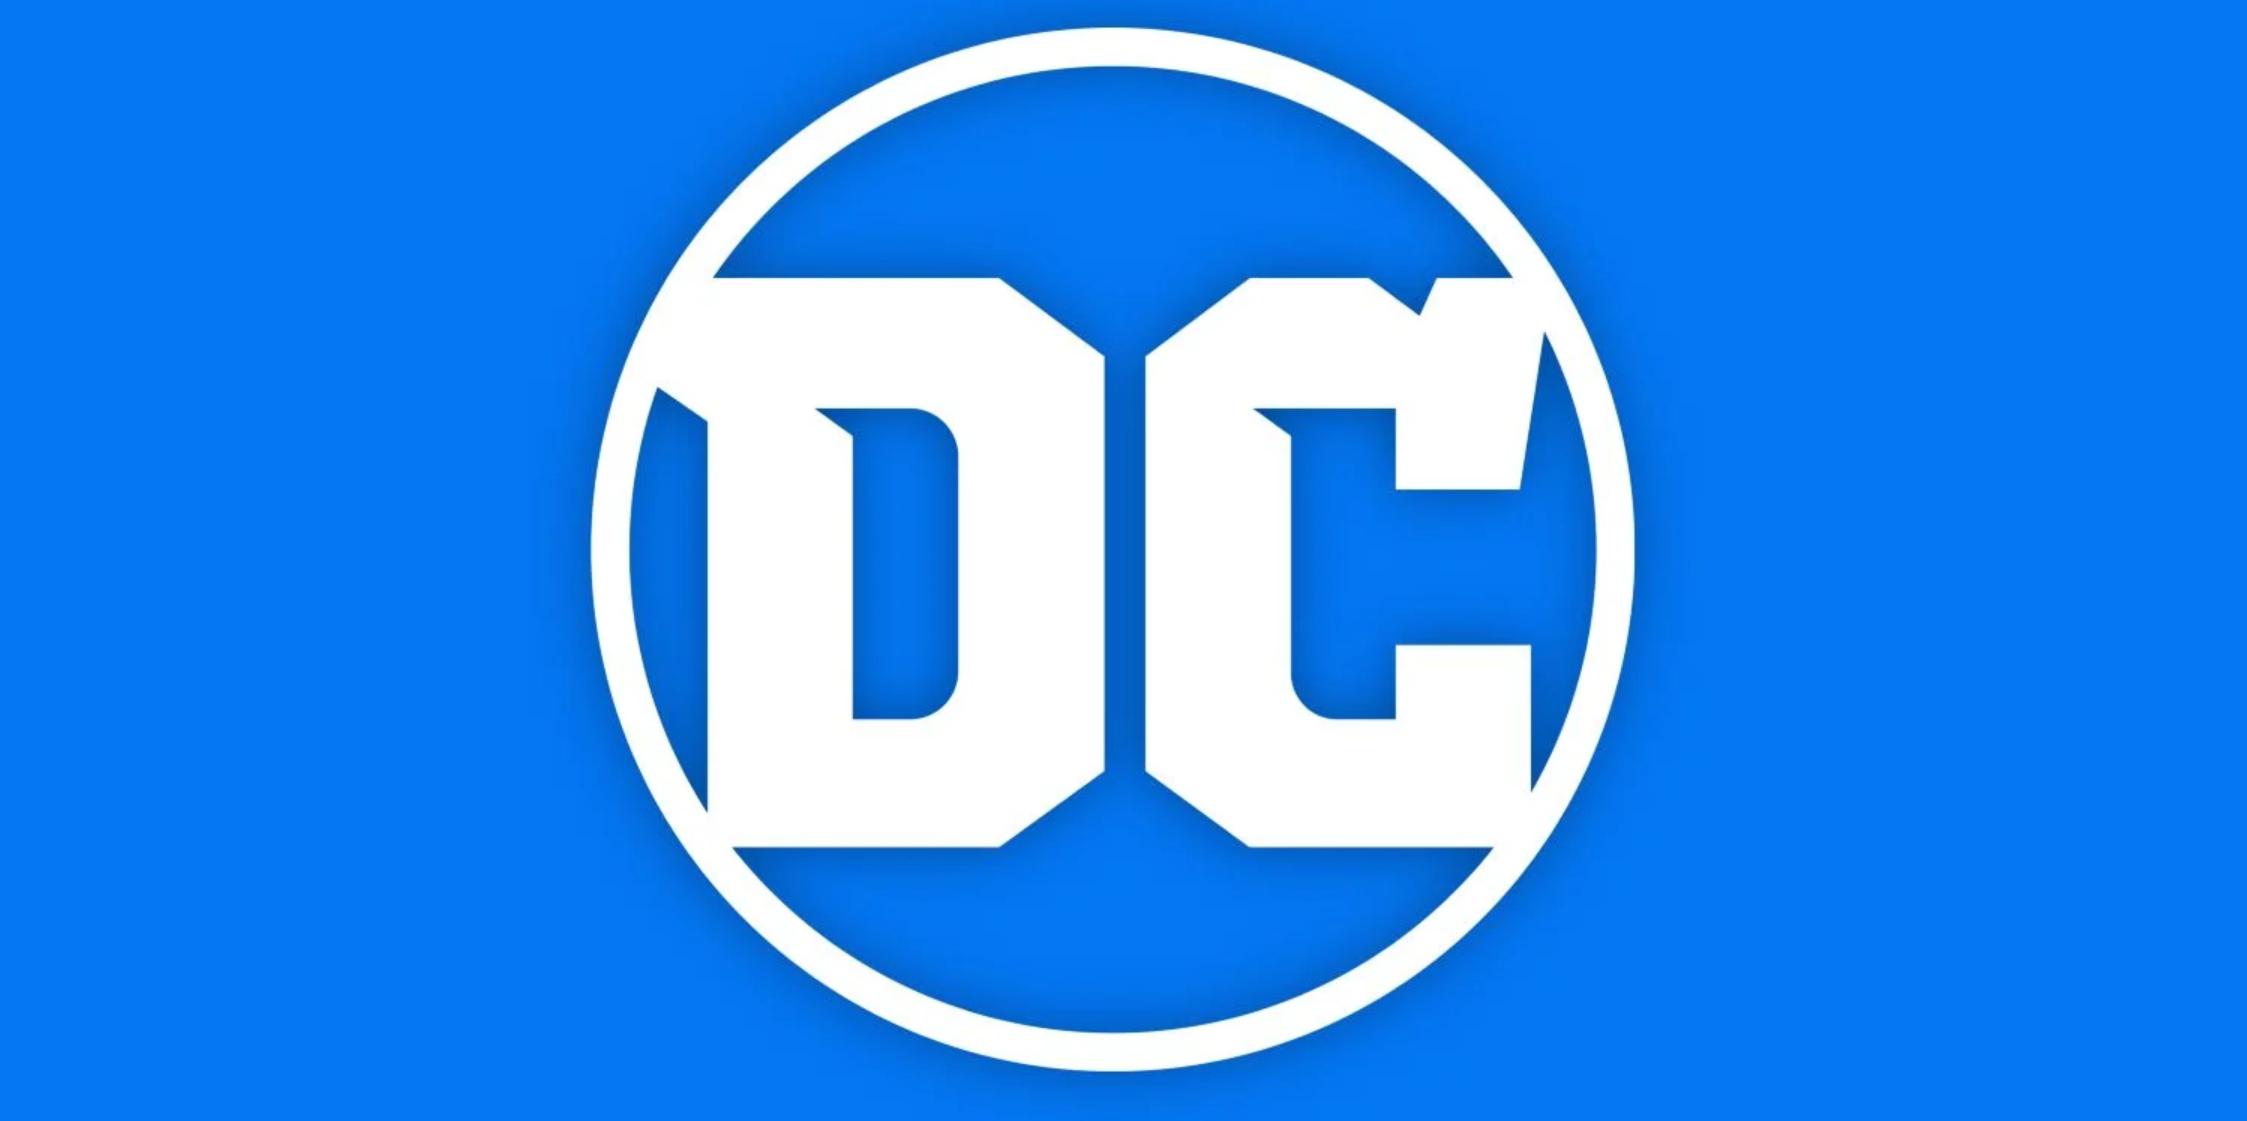 DC Comics on tiettävästi tulossa NFT-markkinoille